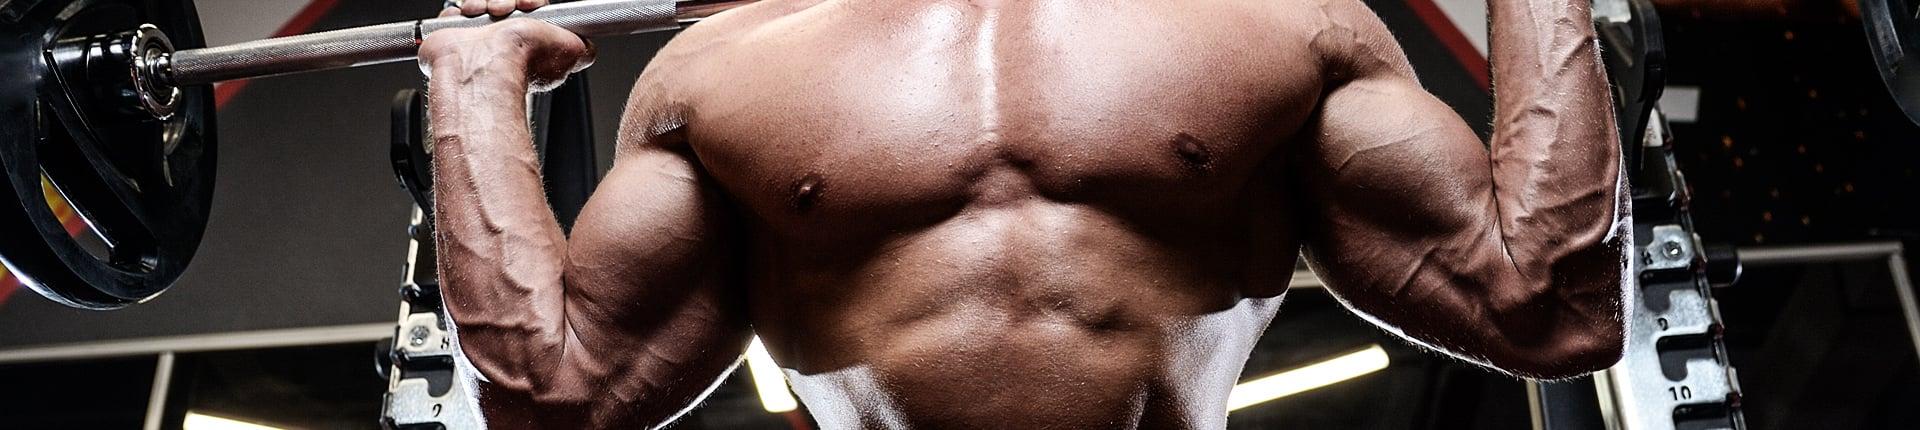 Sterydy anaboliczno-androgenne a mutagenność